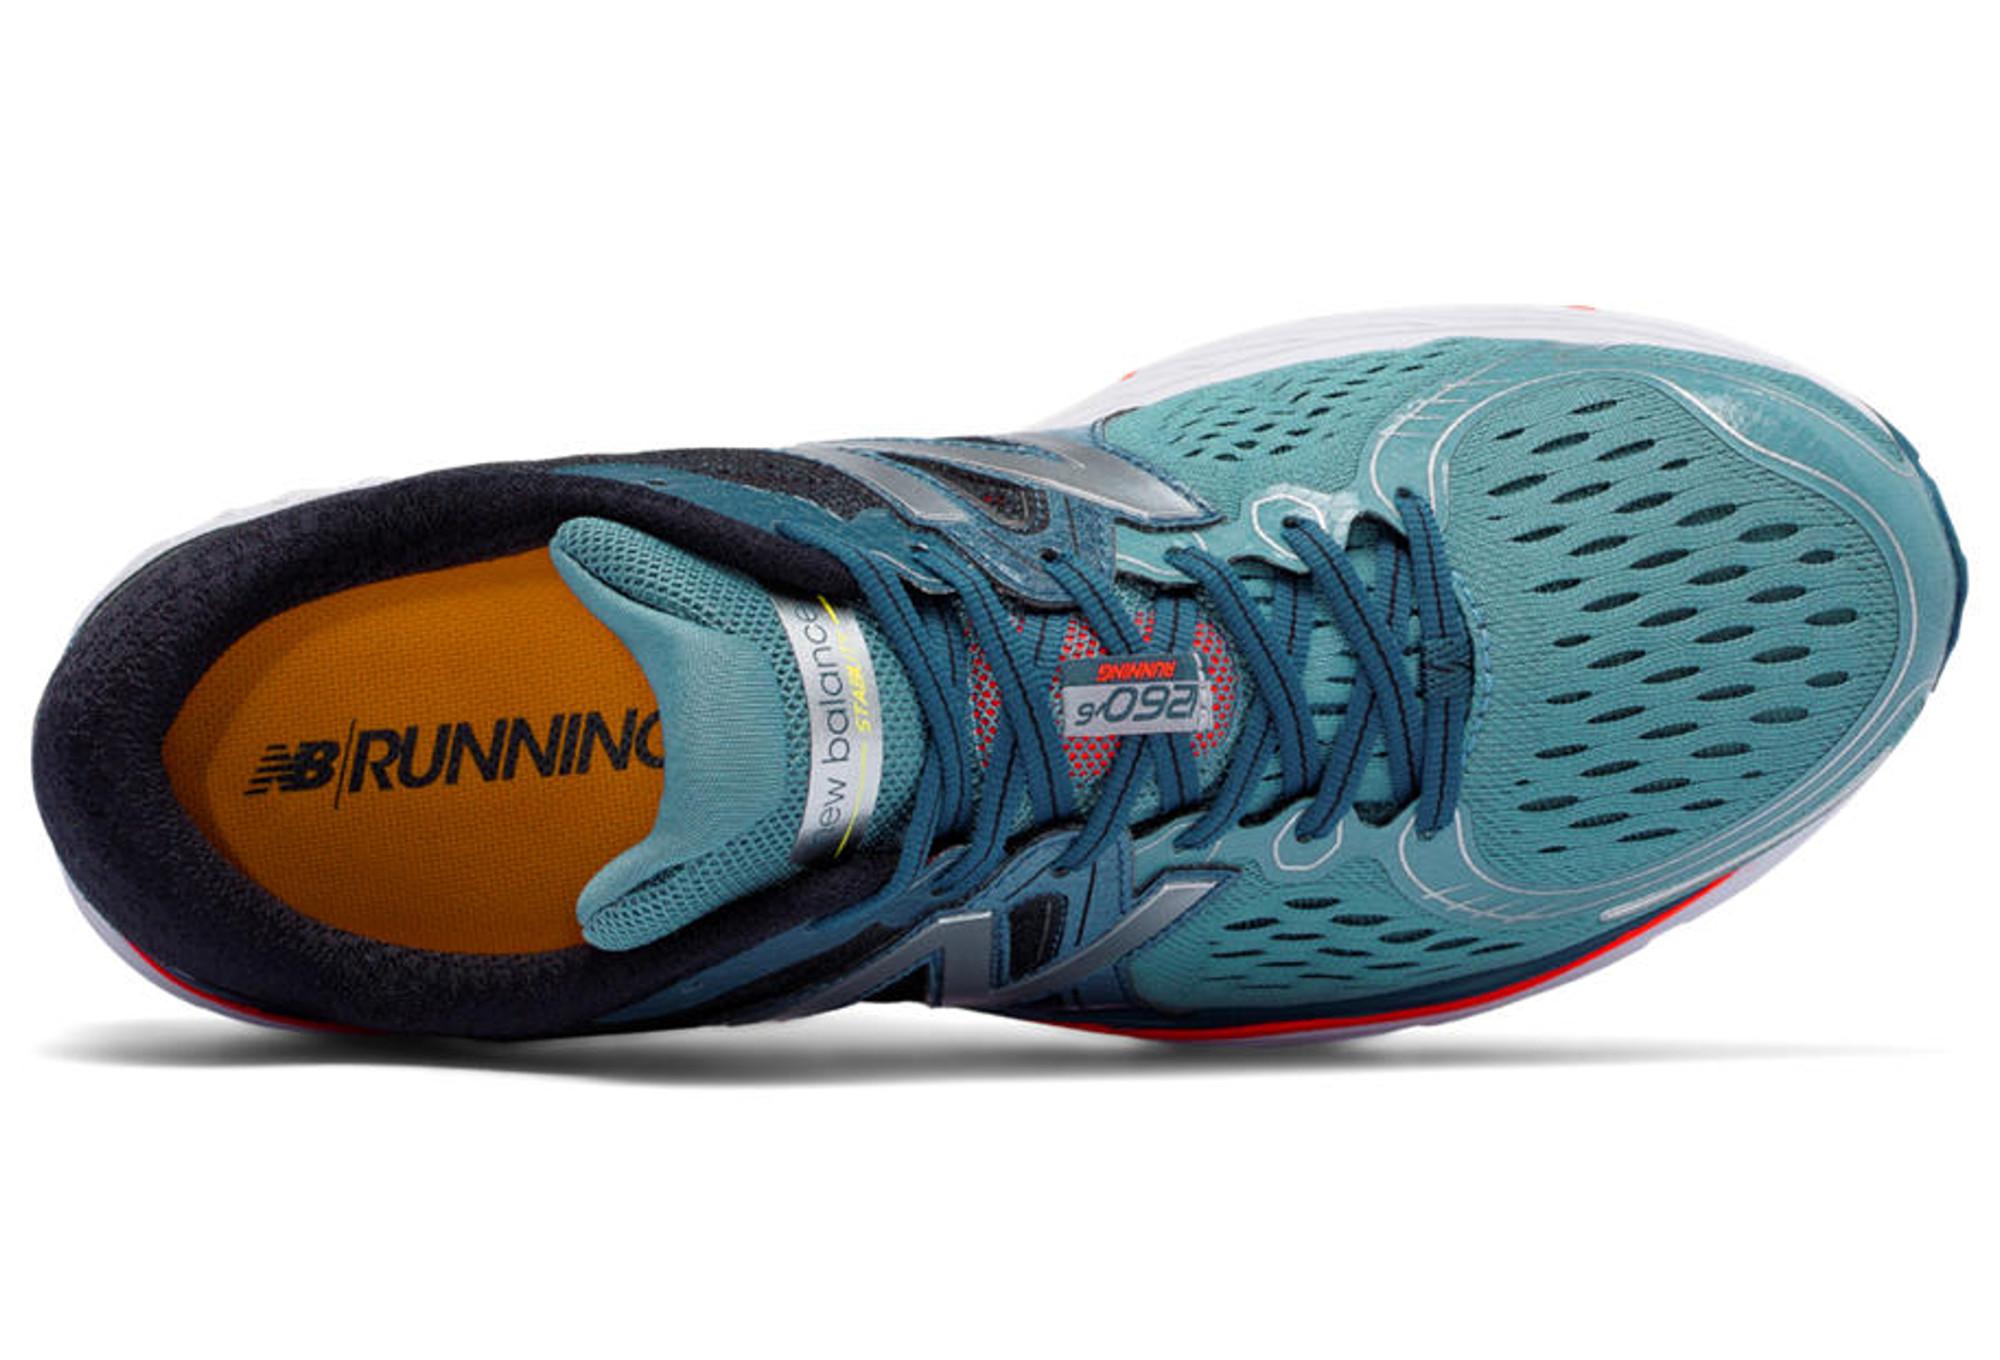 New Bleu De V6 1260 Nbx Orange Chaussures Running Balance PnExwqgTa